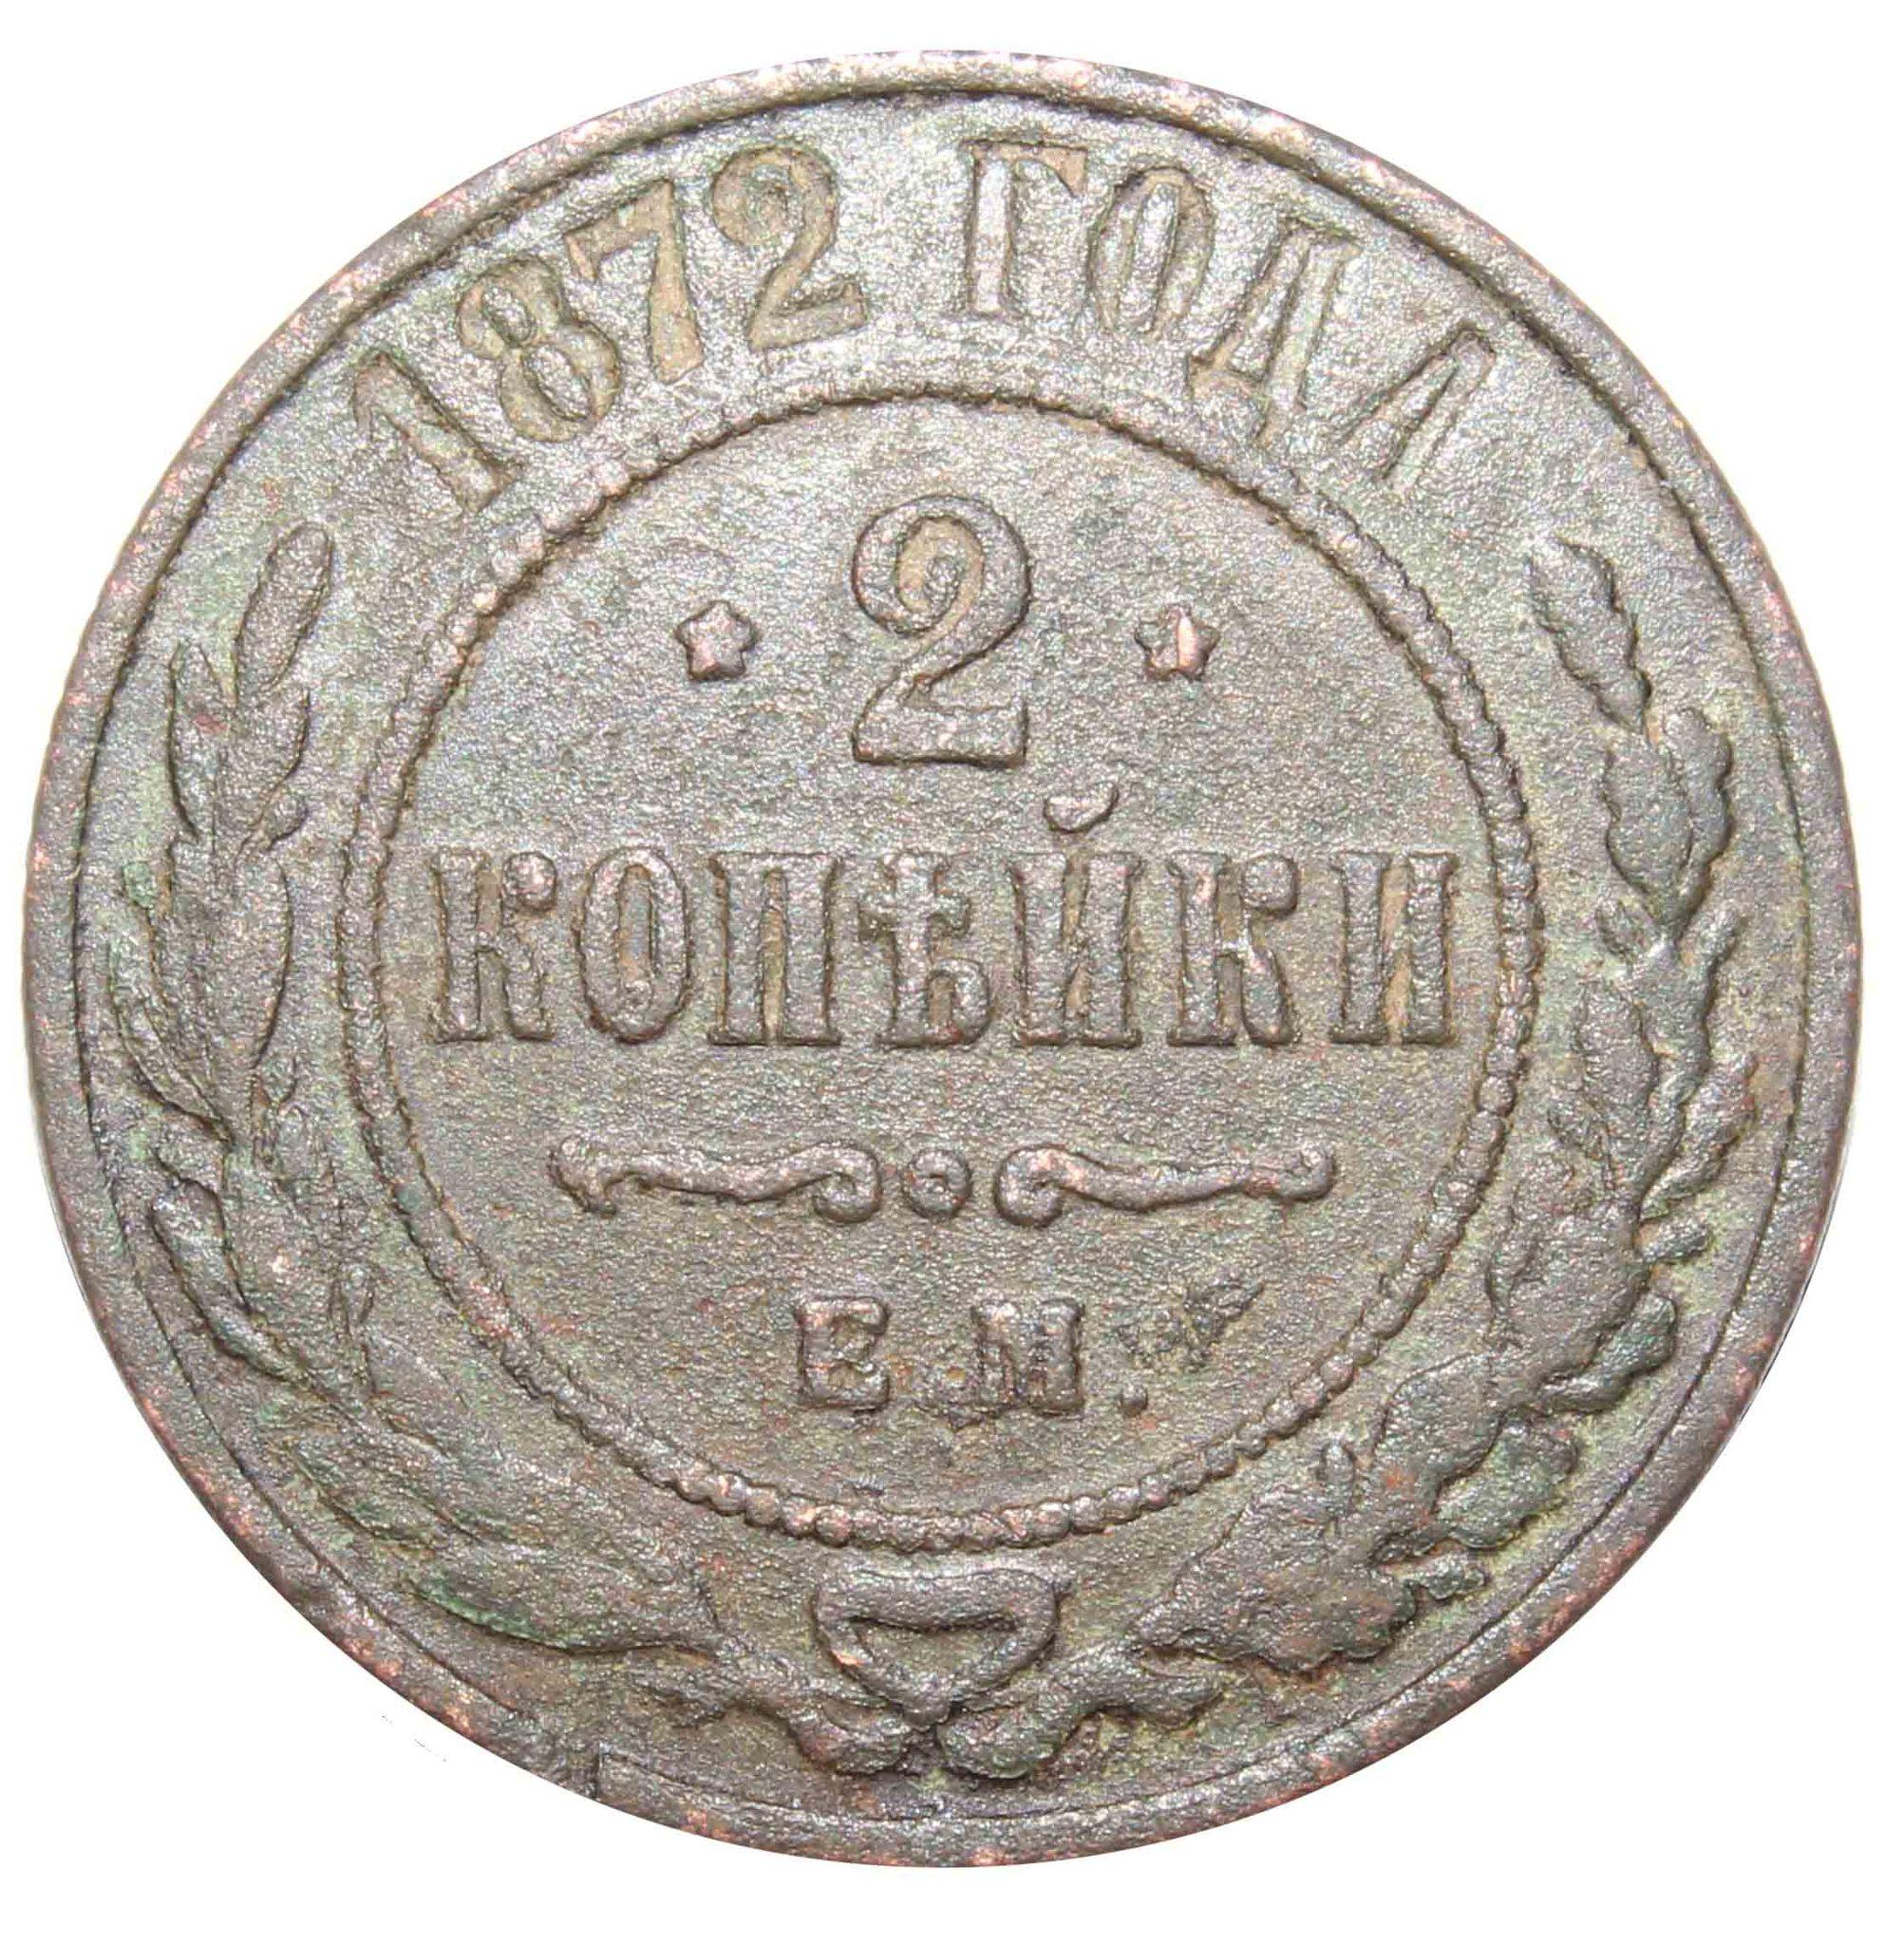 2 копейки. Александр II. ЕМ. 1872 год. F+